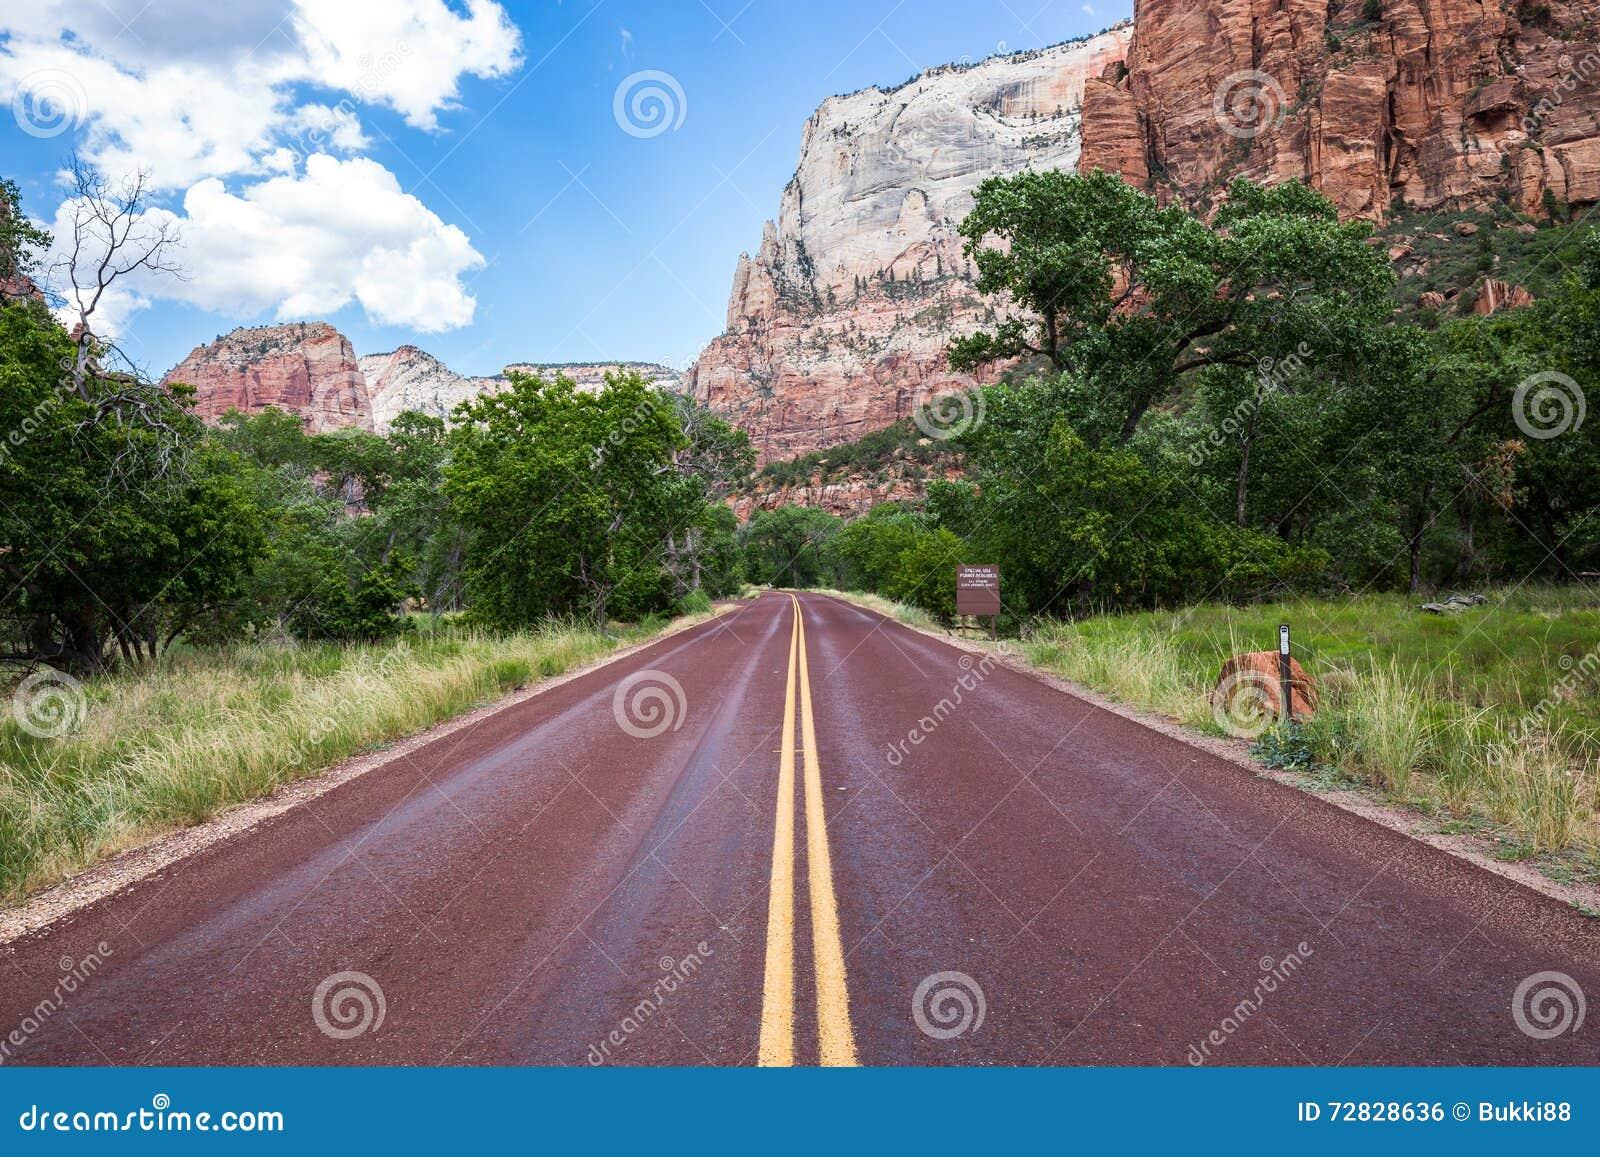 Χαρακτηριστικός κόκκινος δρόμος στο εθνικό πάρκο Zion, Γιούτα, ΗΠΑ